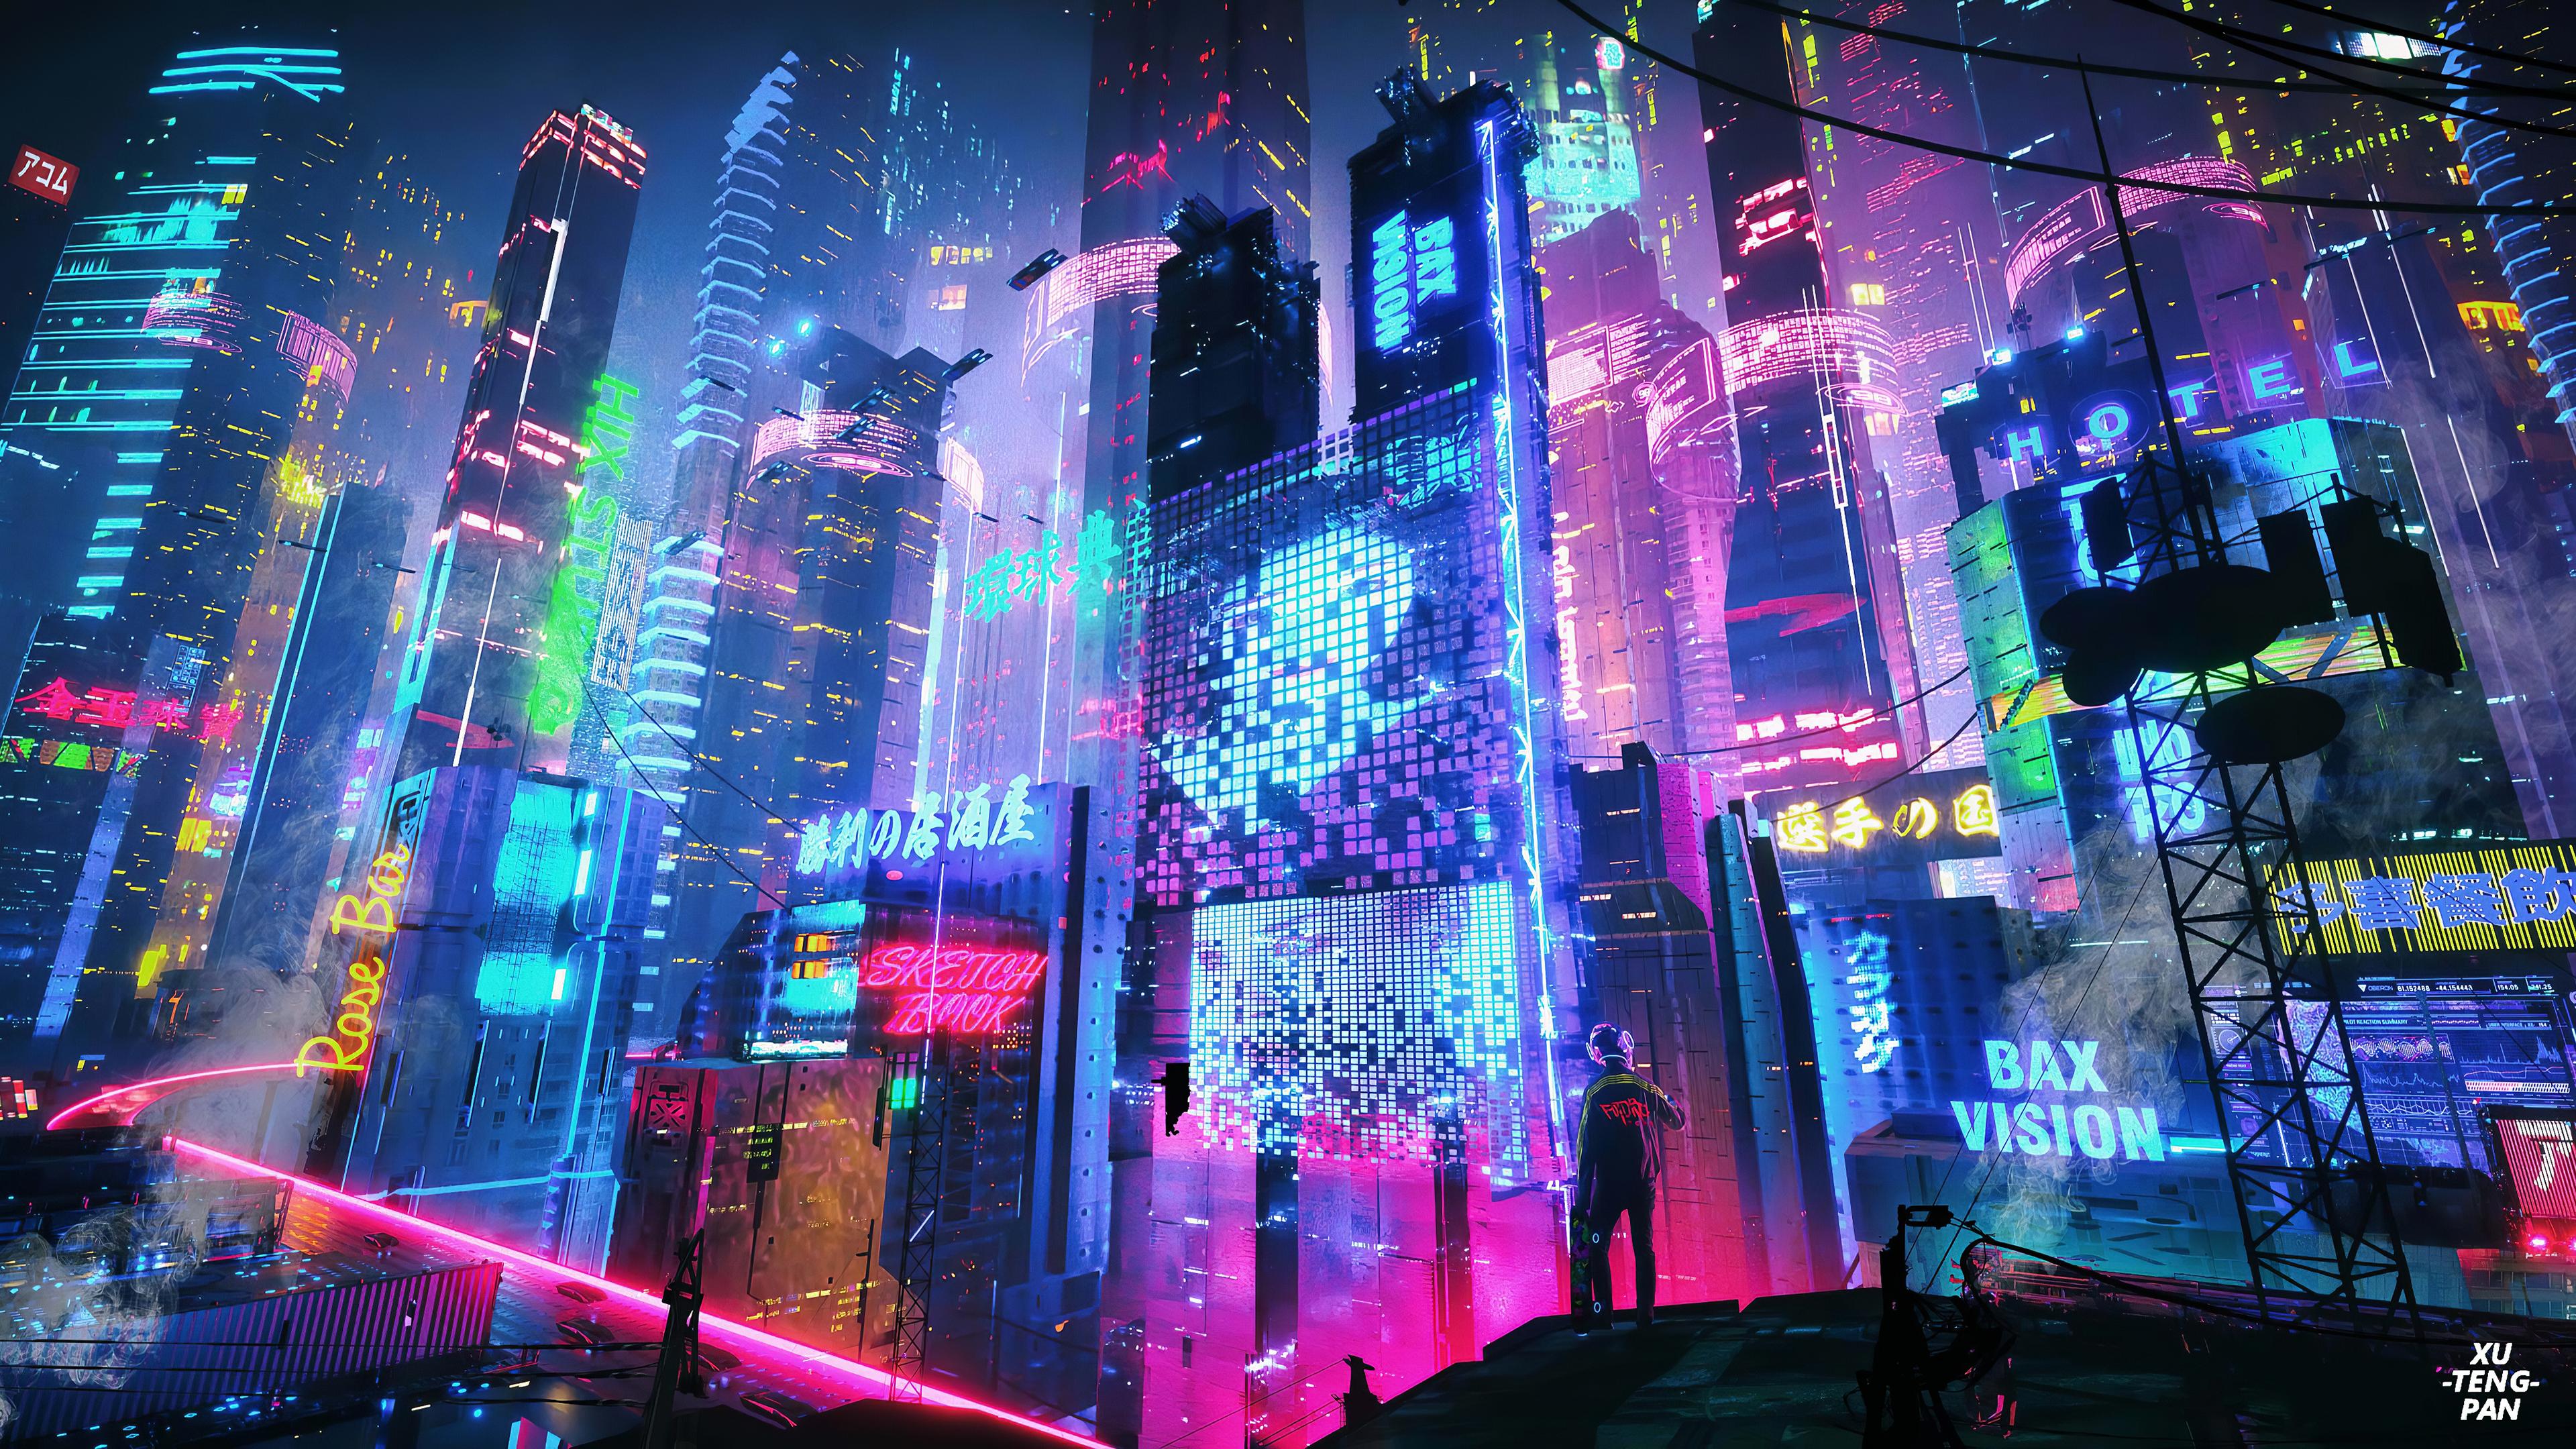 City By Xuteng Pan 3840x2160 Desktop Wallpaper Art Aesthetic Desktop Wallpaper Neon Wallpaper